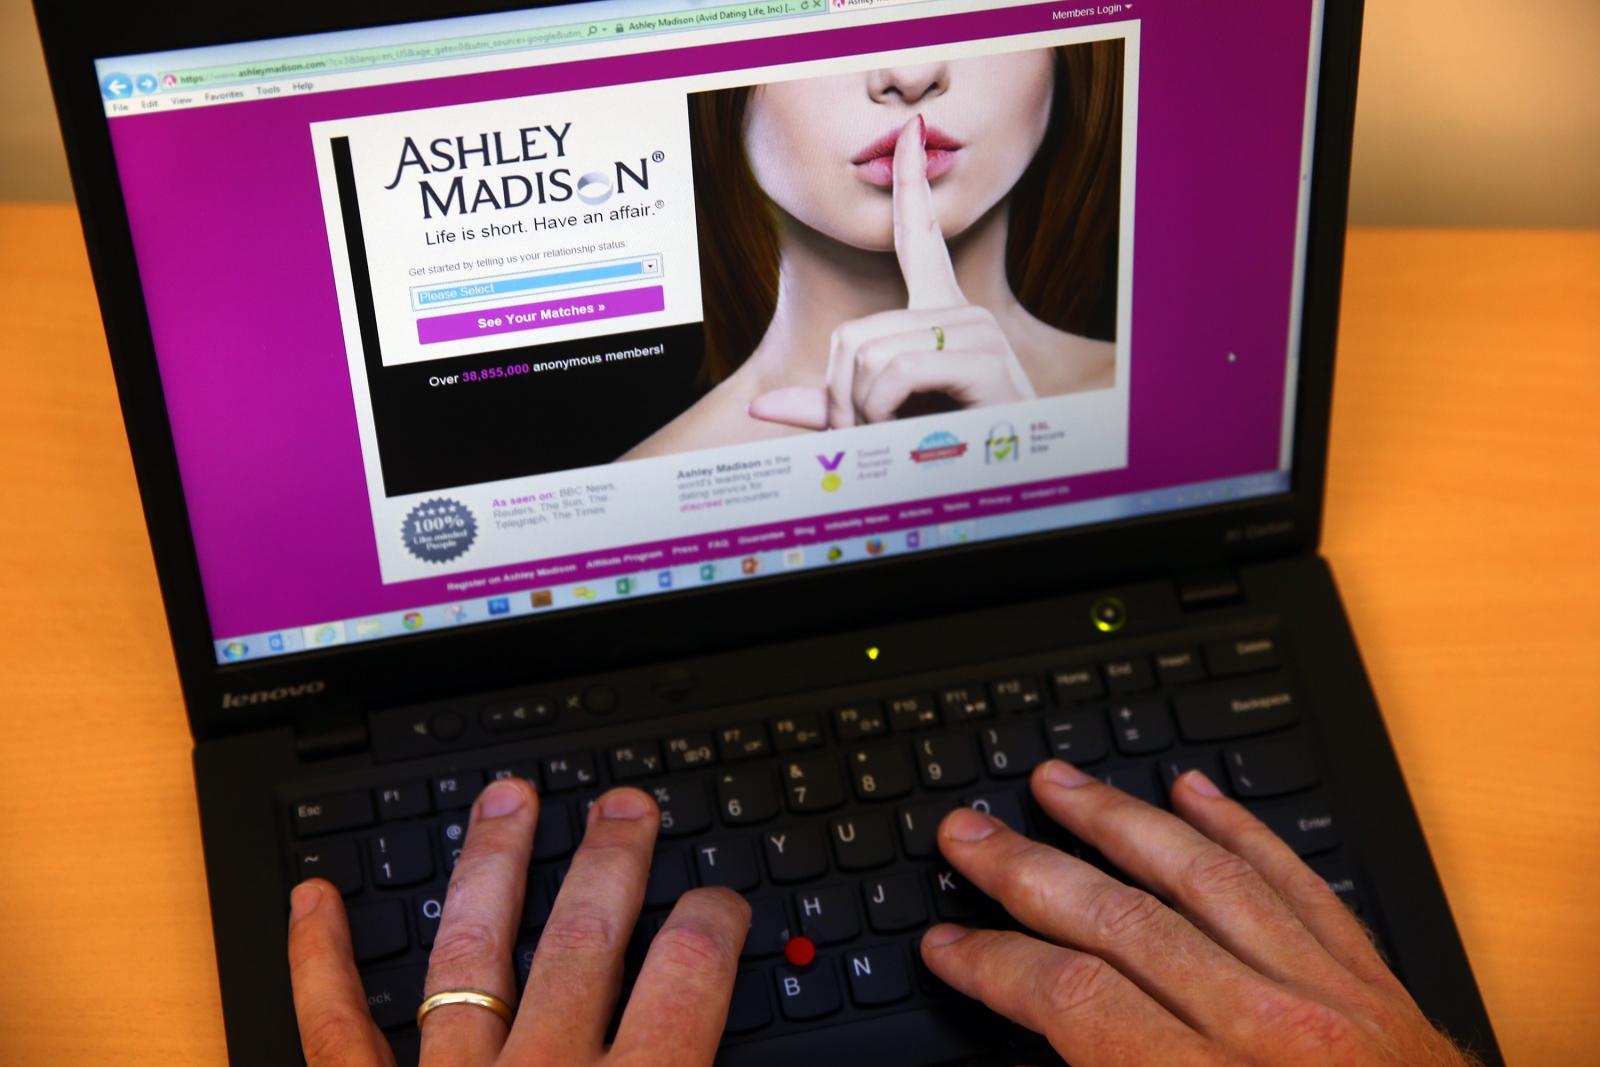 Ashley Madison computer